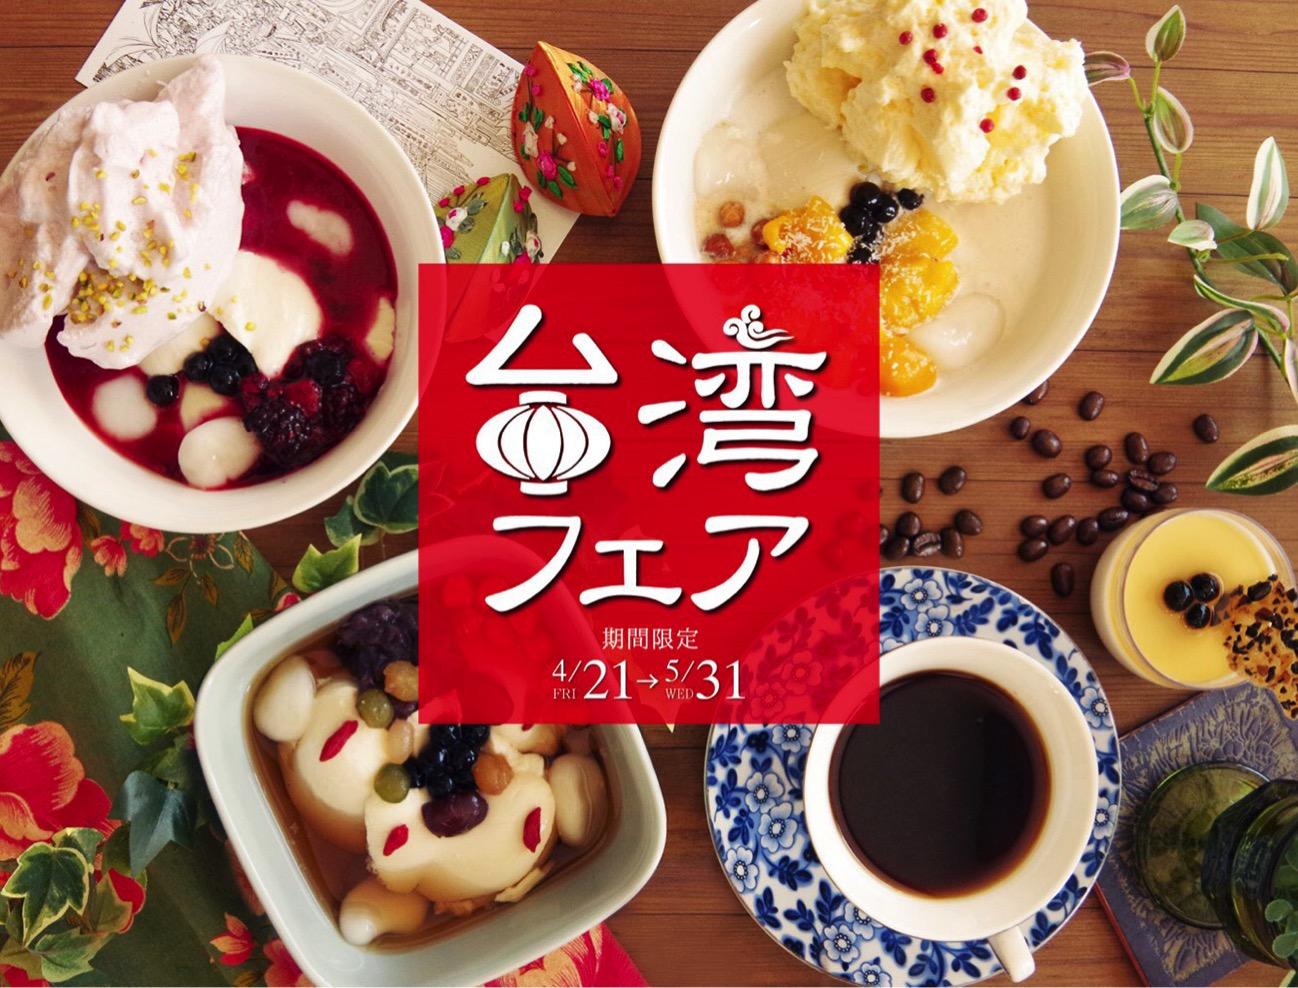 横浜博覧館3階のガーデンテラスで「台湾フェア」を4月21日より開催!台湾スイーツを中華街で堪能